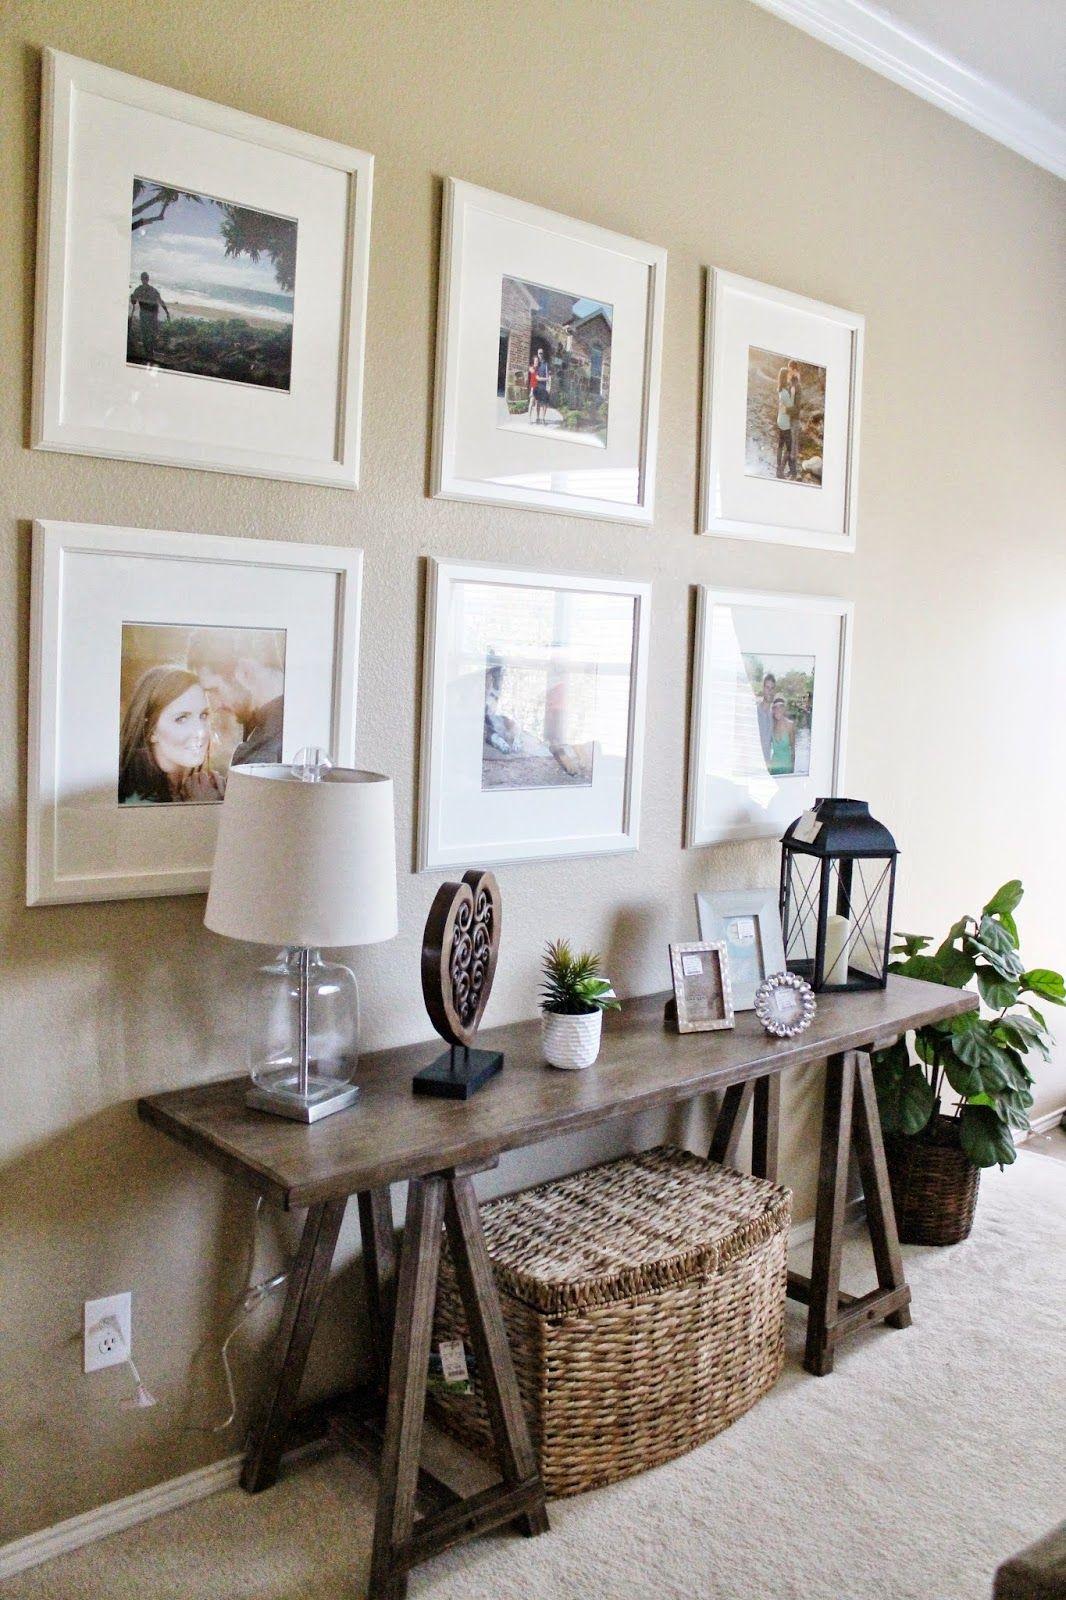 Pin van sharon kocken op aankleding woonkamer | Pinterest ...